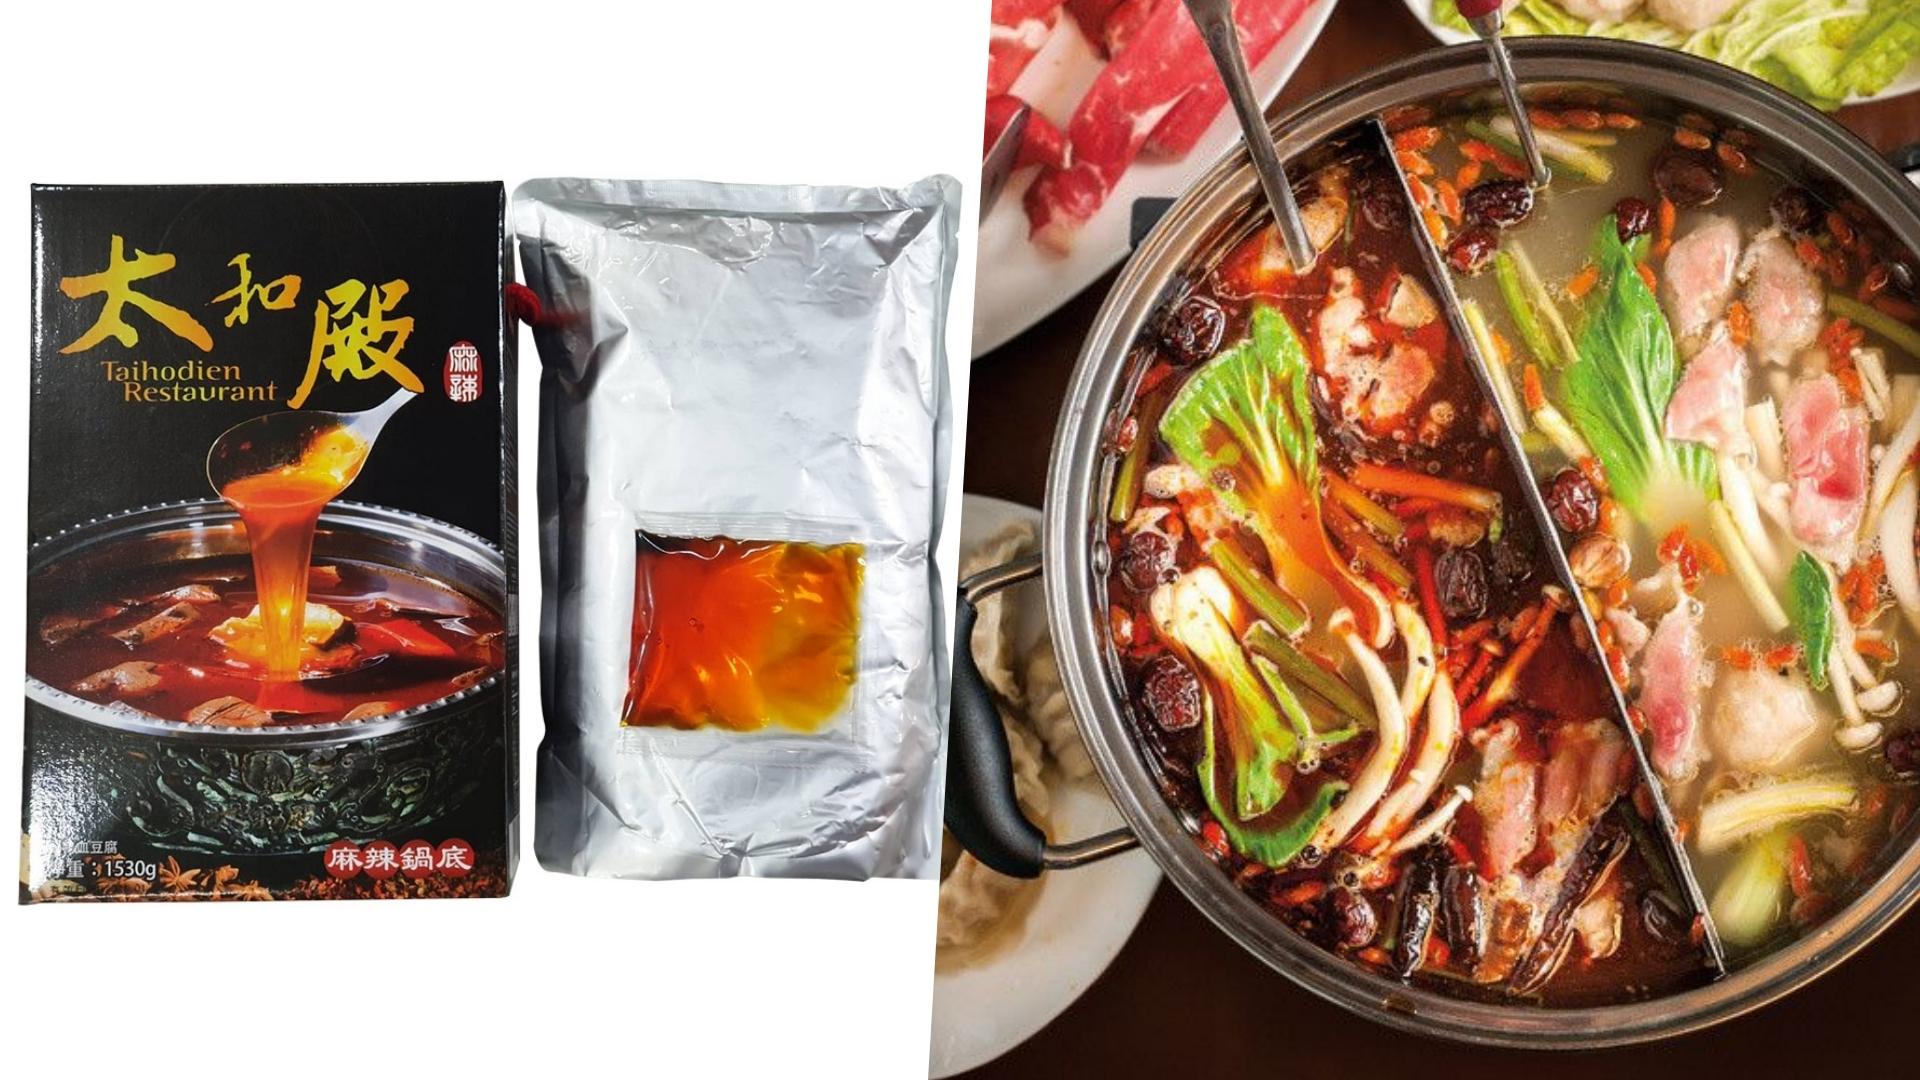 甚至還有太和殿招牌的鴨血豆腐,只需要另外加入愛吃的食材,就能煮出完全不輸外面的專屬火鍋!